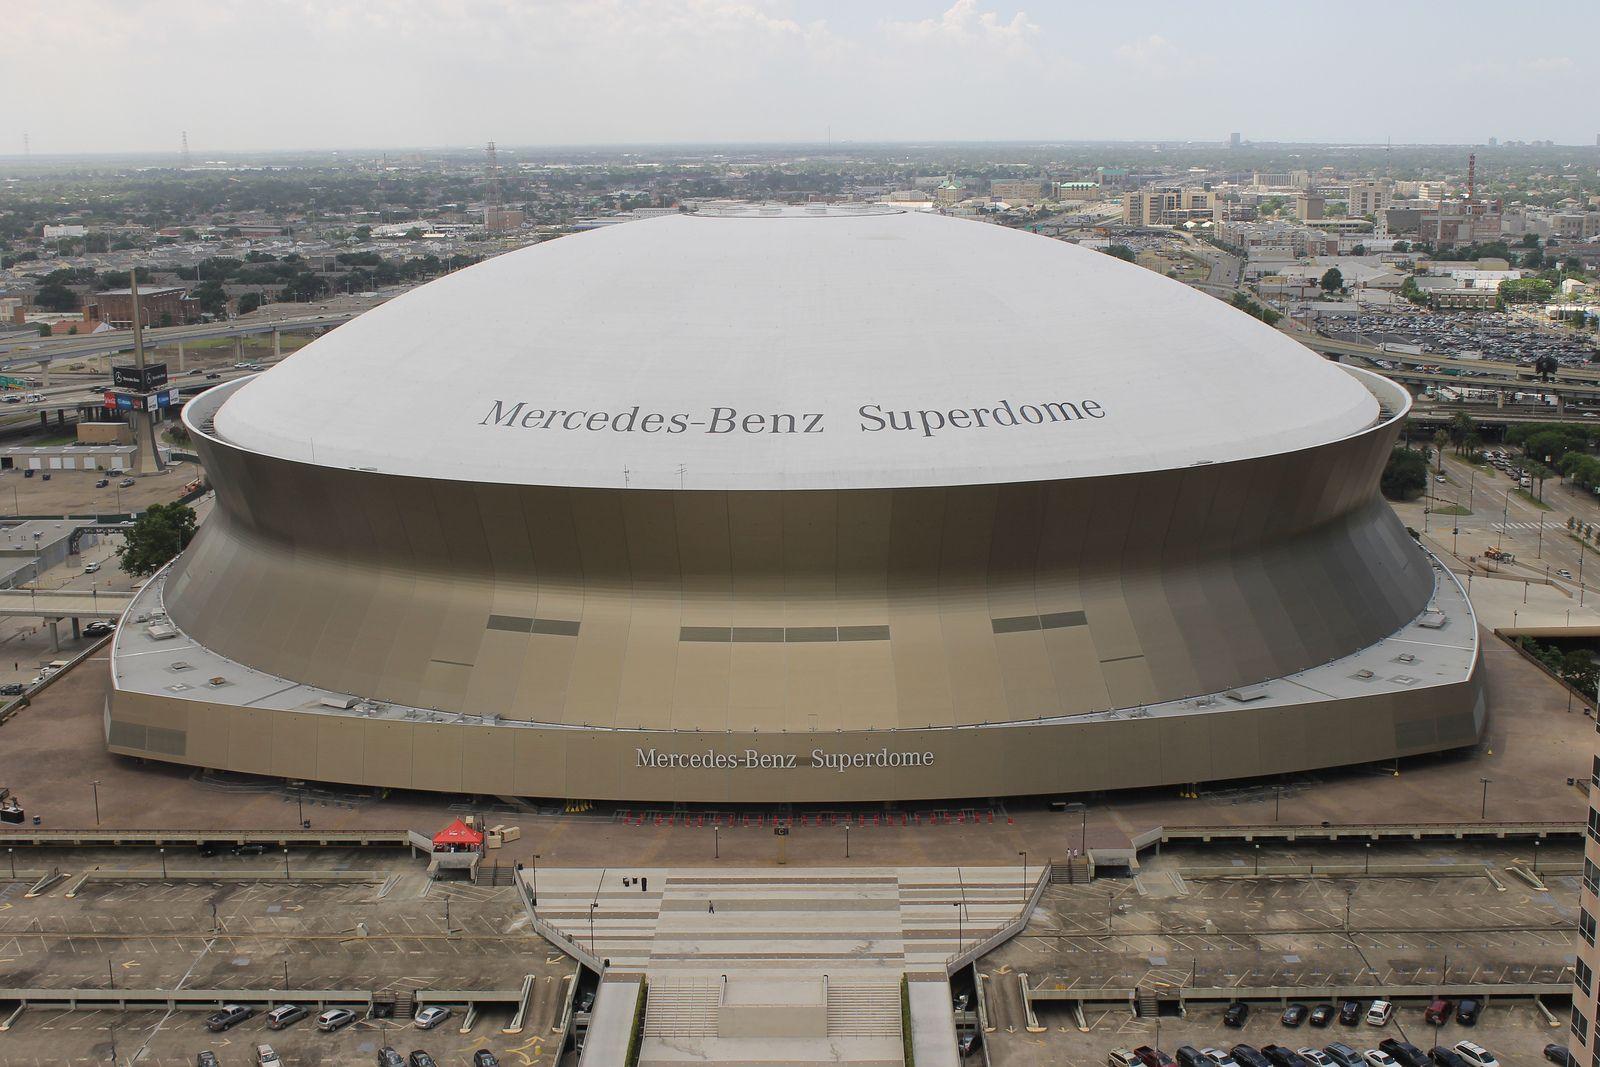 Mercedes-Benz Superdome - New Orleans Saints